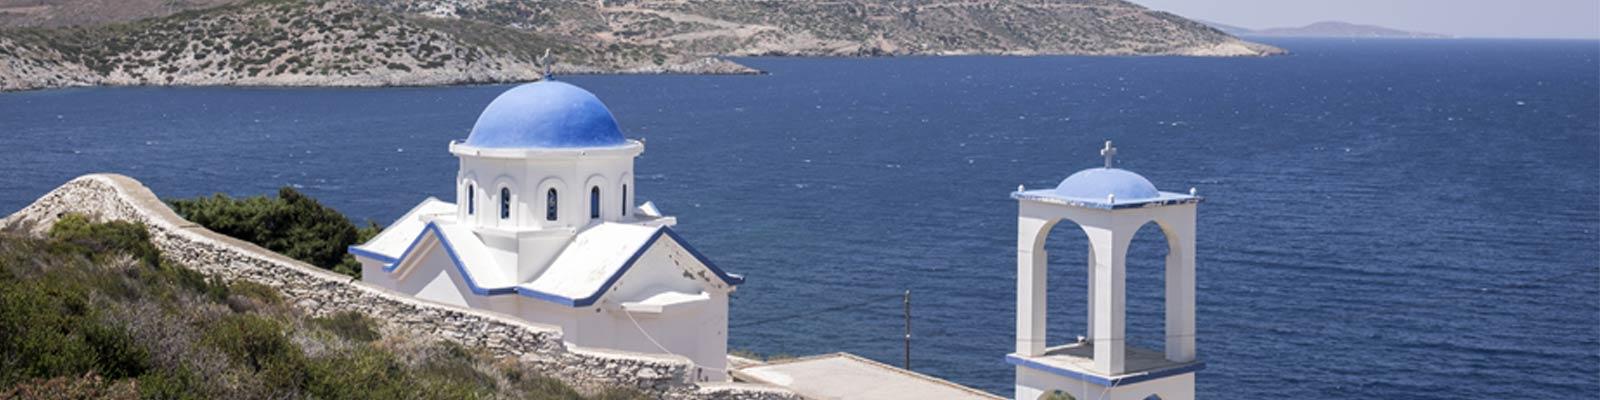 Comptoir Azur invite Marie-Thérèse CORDIER à exposer ses jolies photos de Grèce